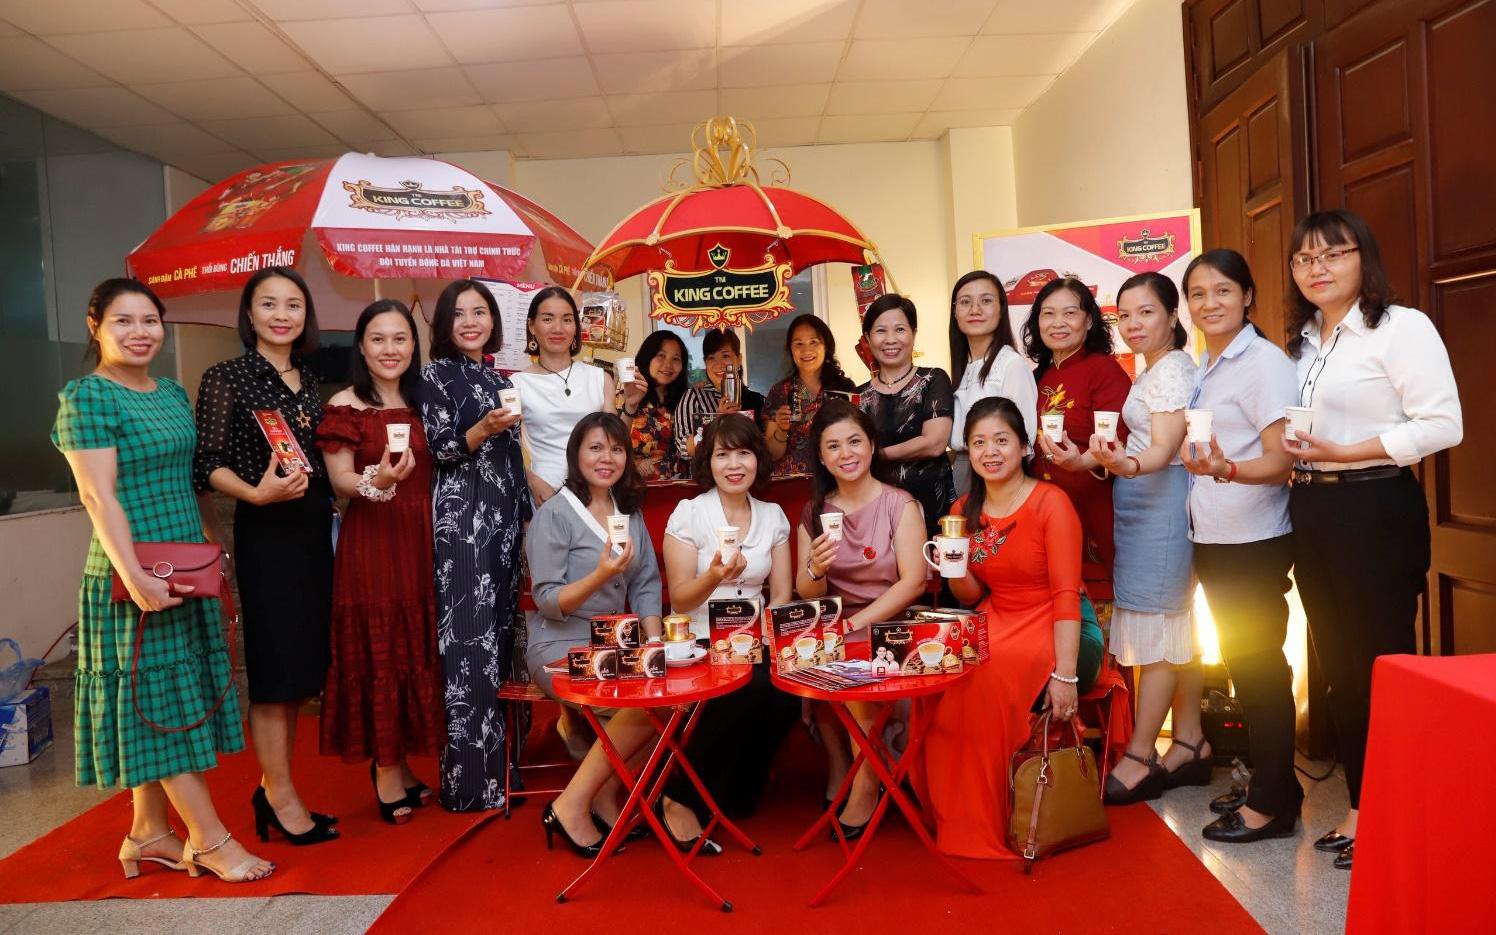 TNI King Coffee mang đến cơ hội khởi nghiệp cho hàng triệu phụ nữ thông qua dự án Women Can Do